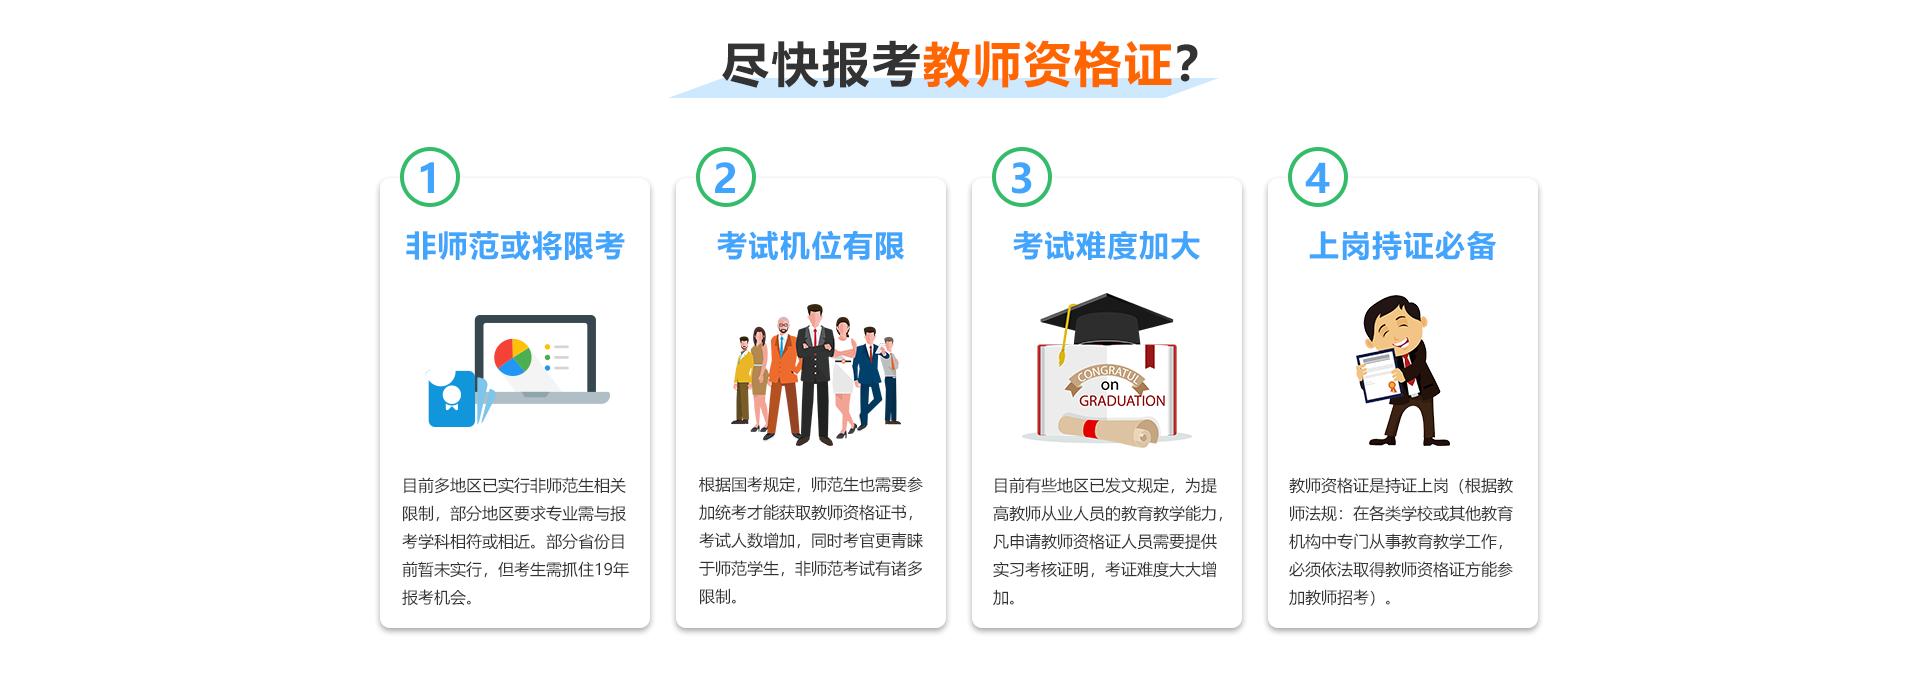 必过视频专题页-专业介绍-中学教师资格证_03.png